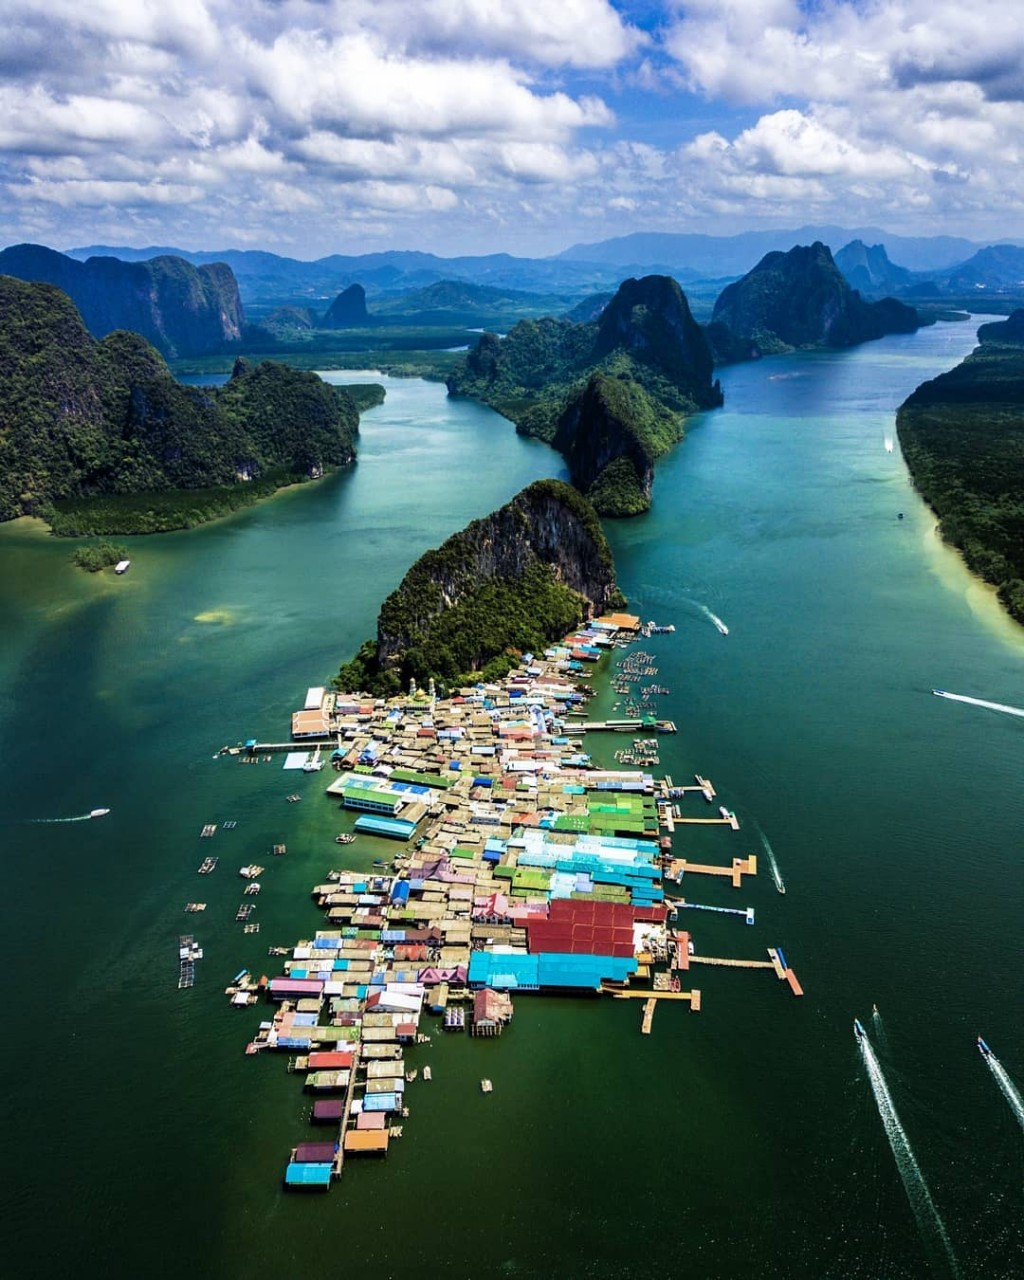 Day trips from Phuket - Panyi Island